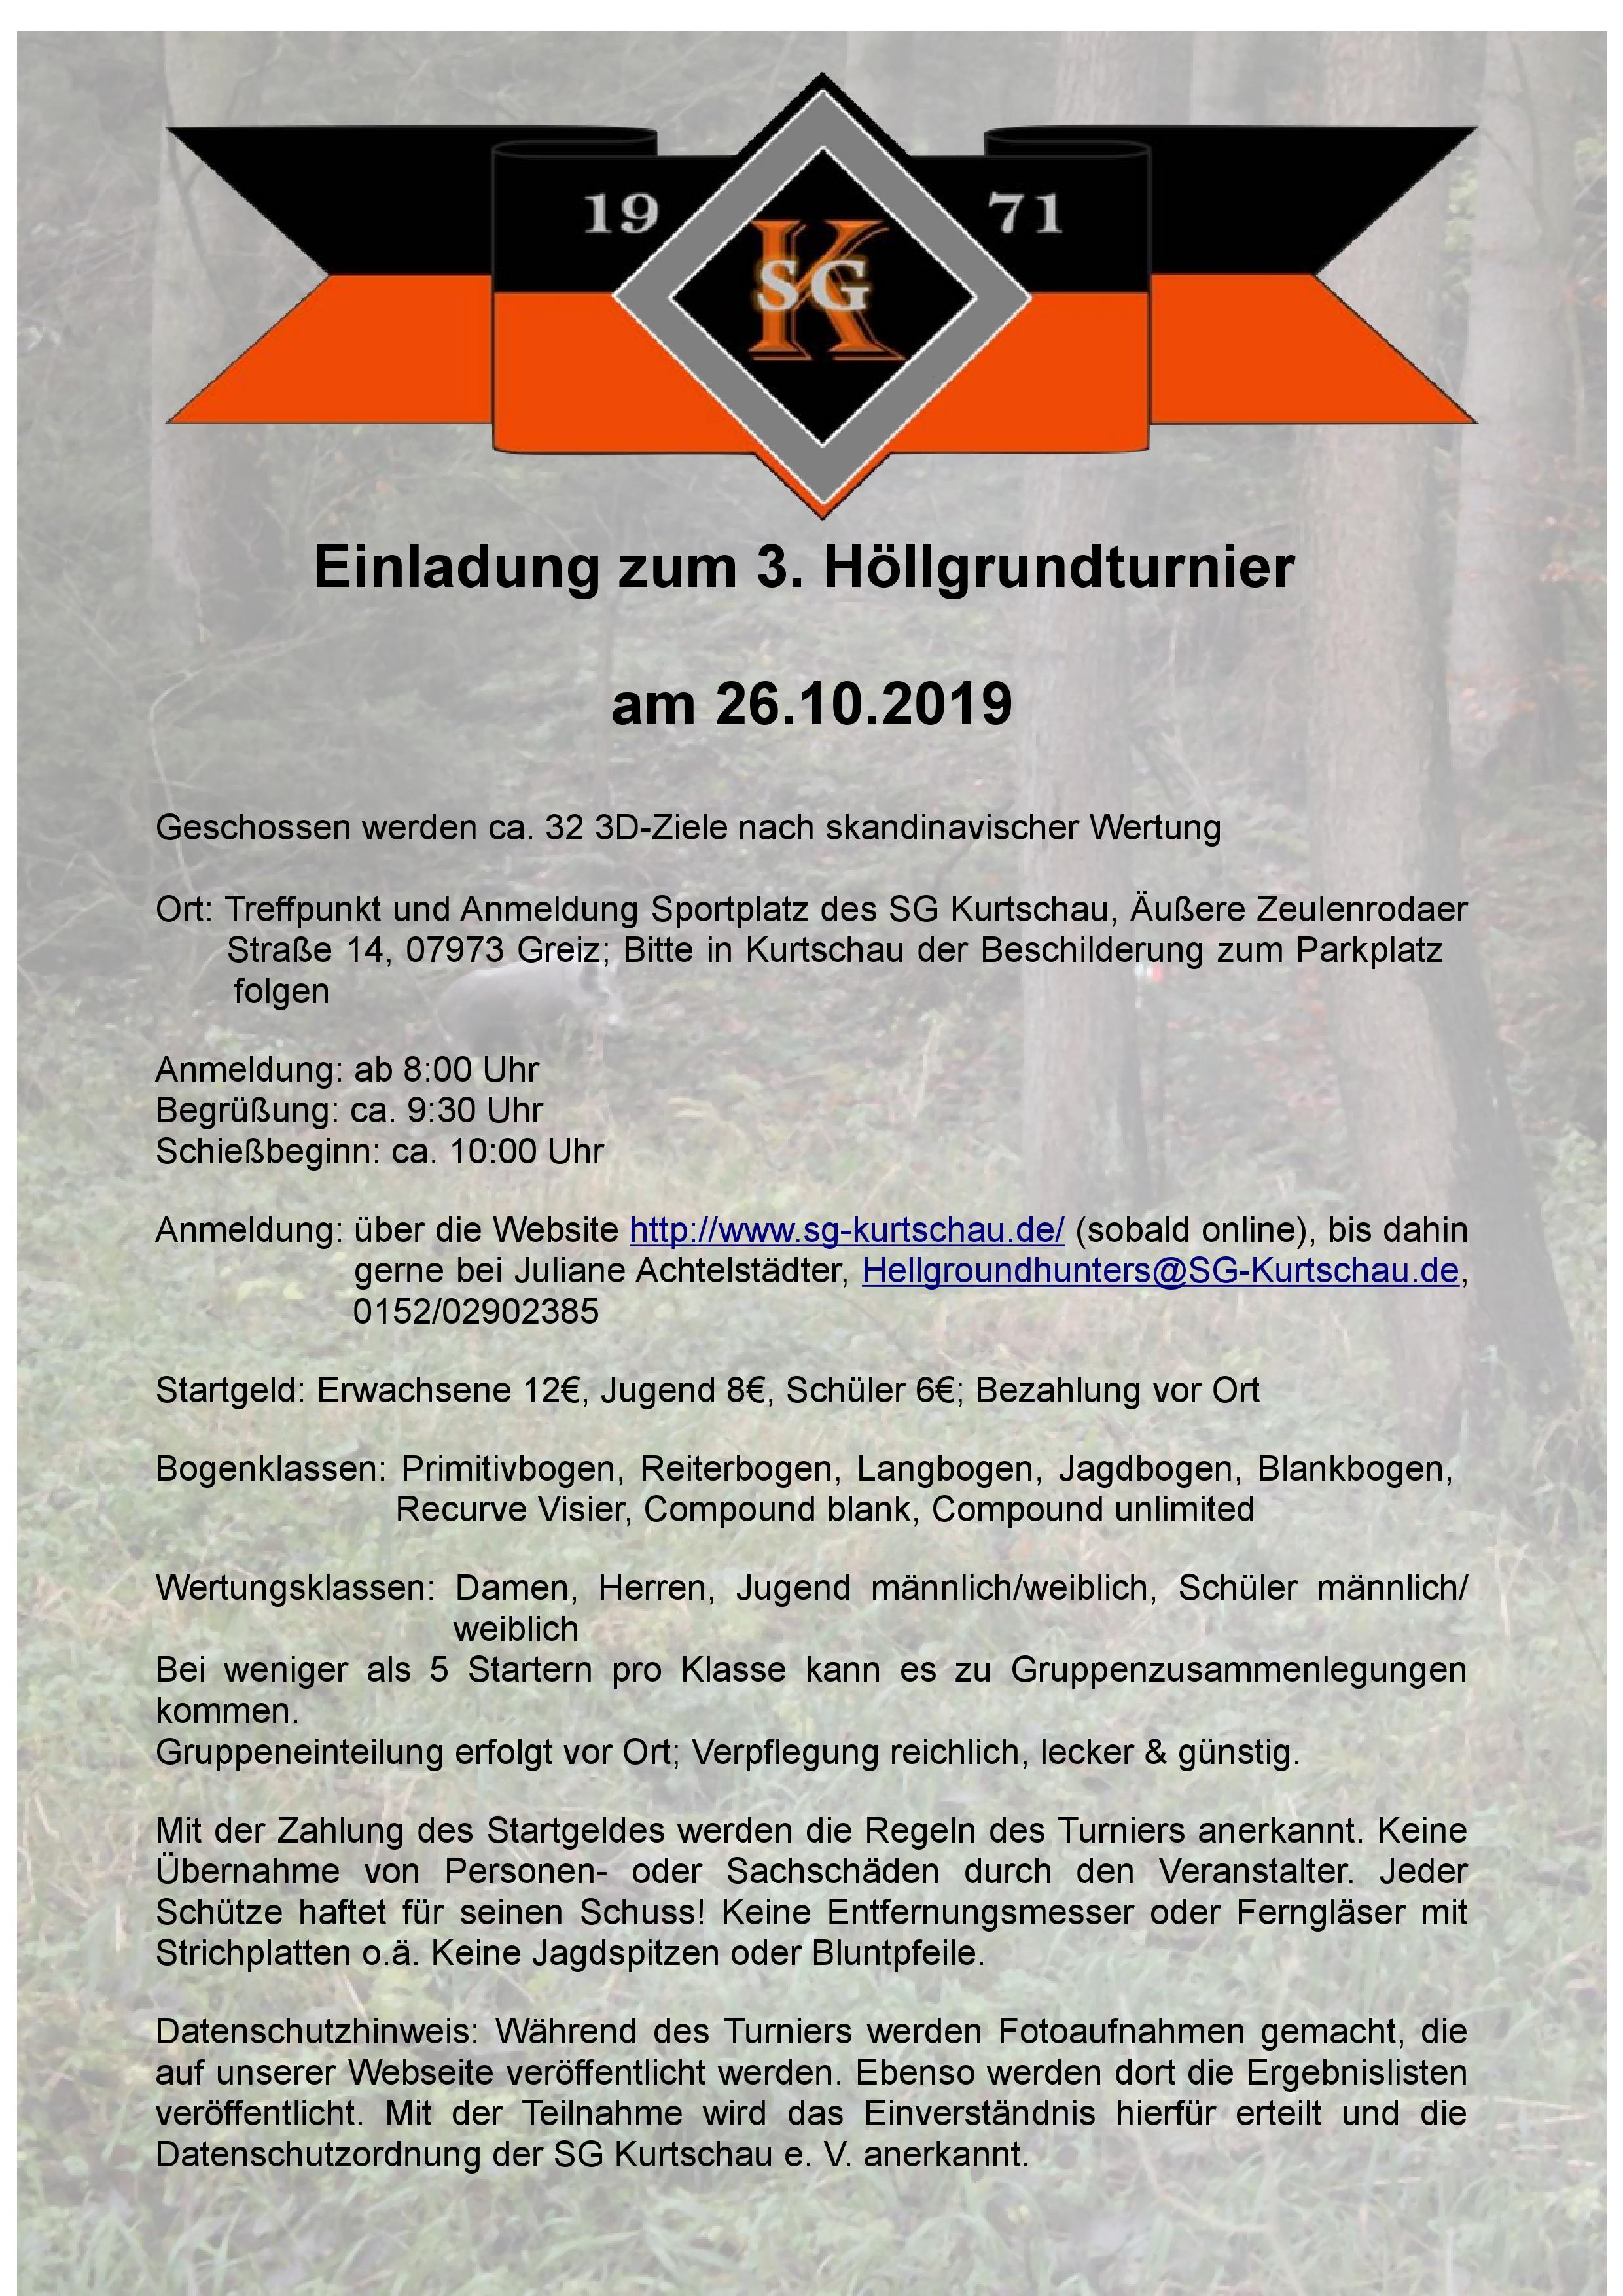 Einladung 3. Höllgrundturnier 2019